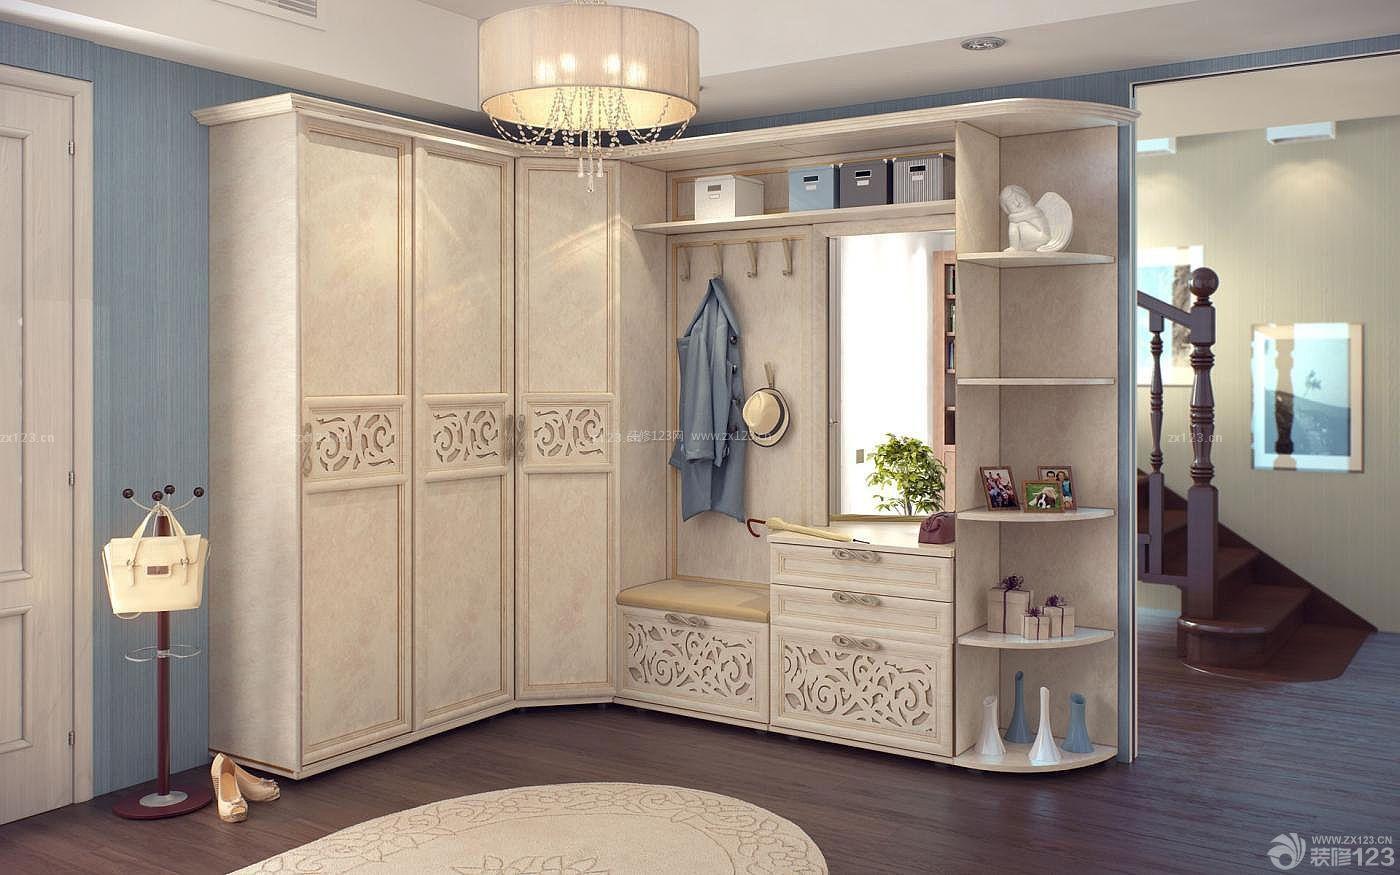 欧式家装卧室衣柜内部设计效果图